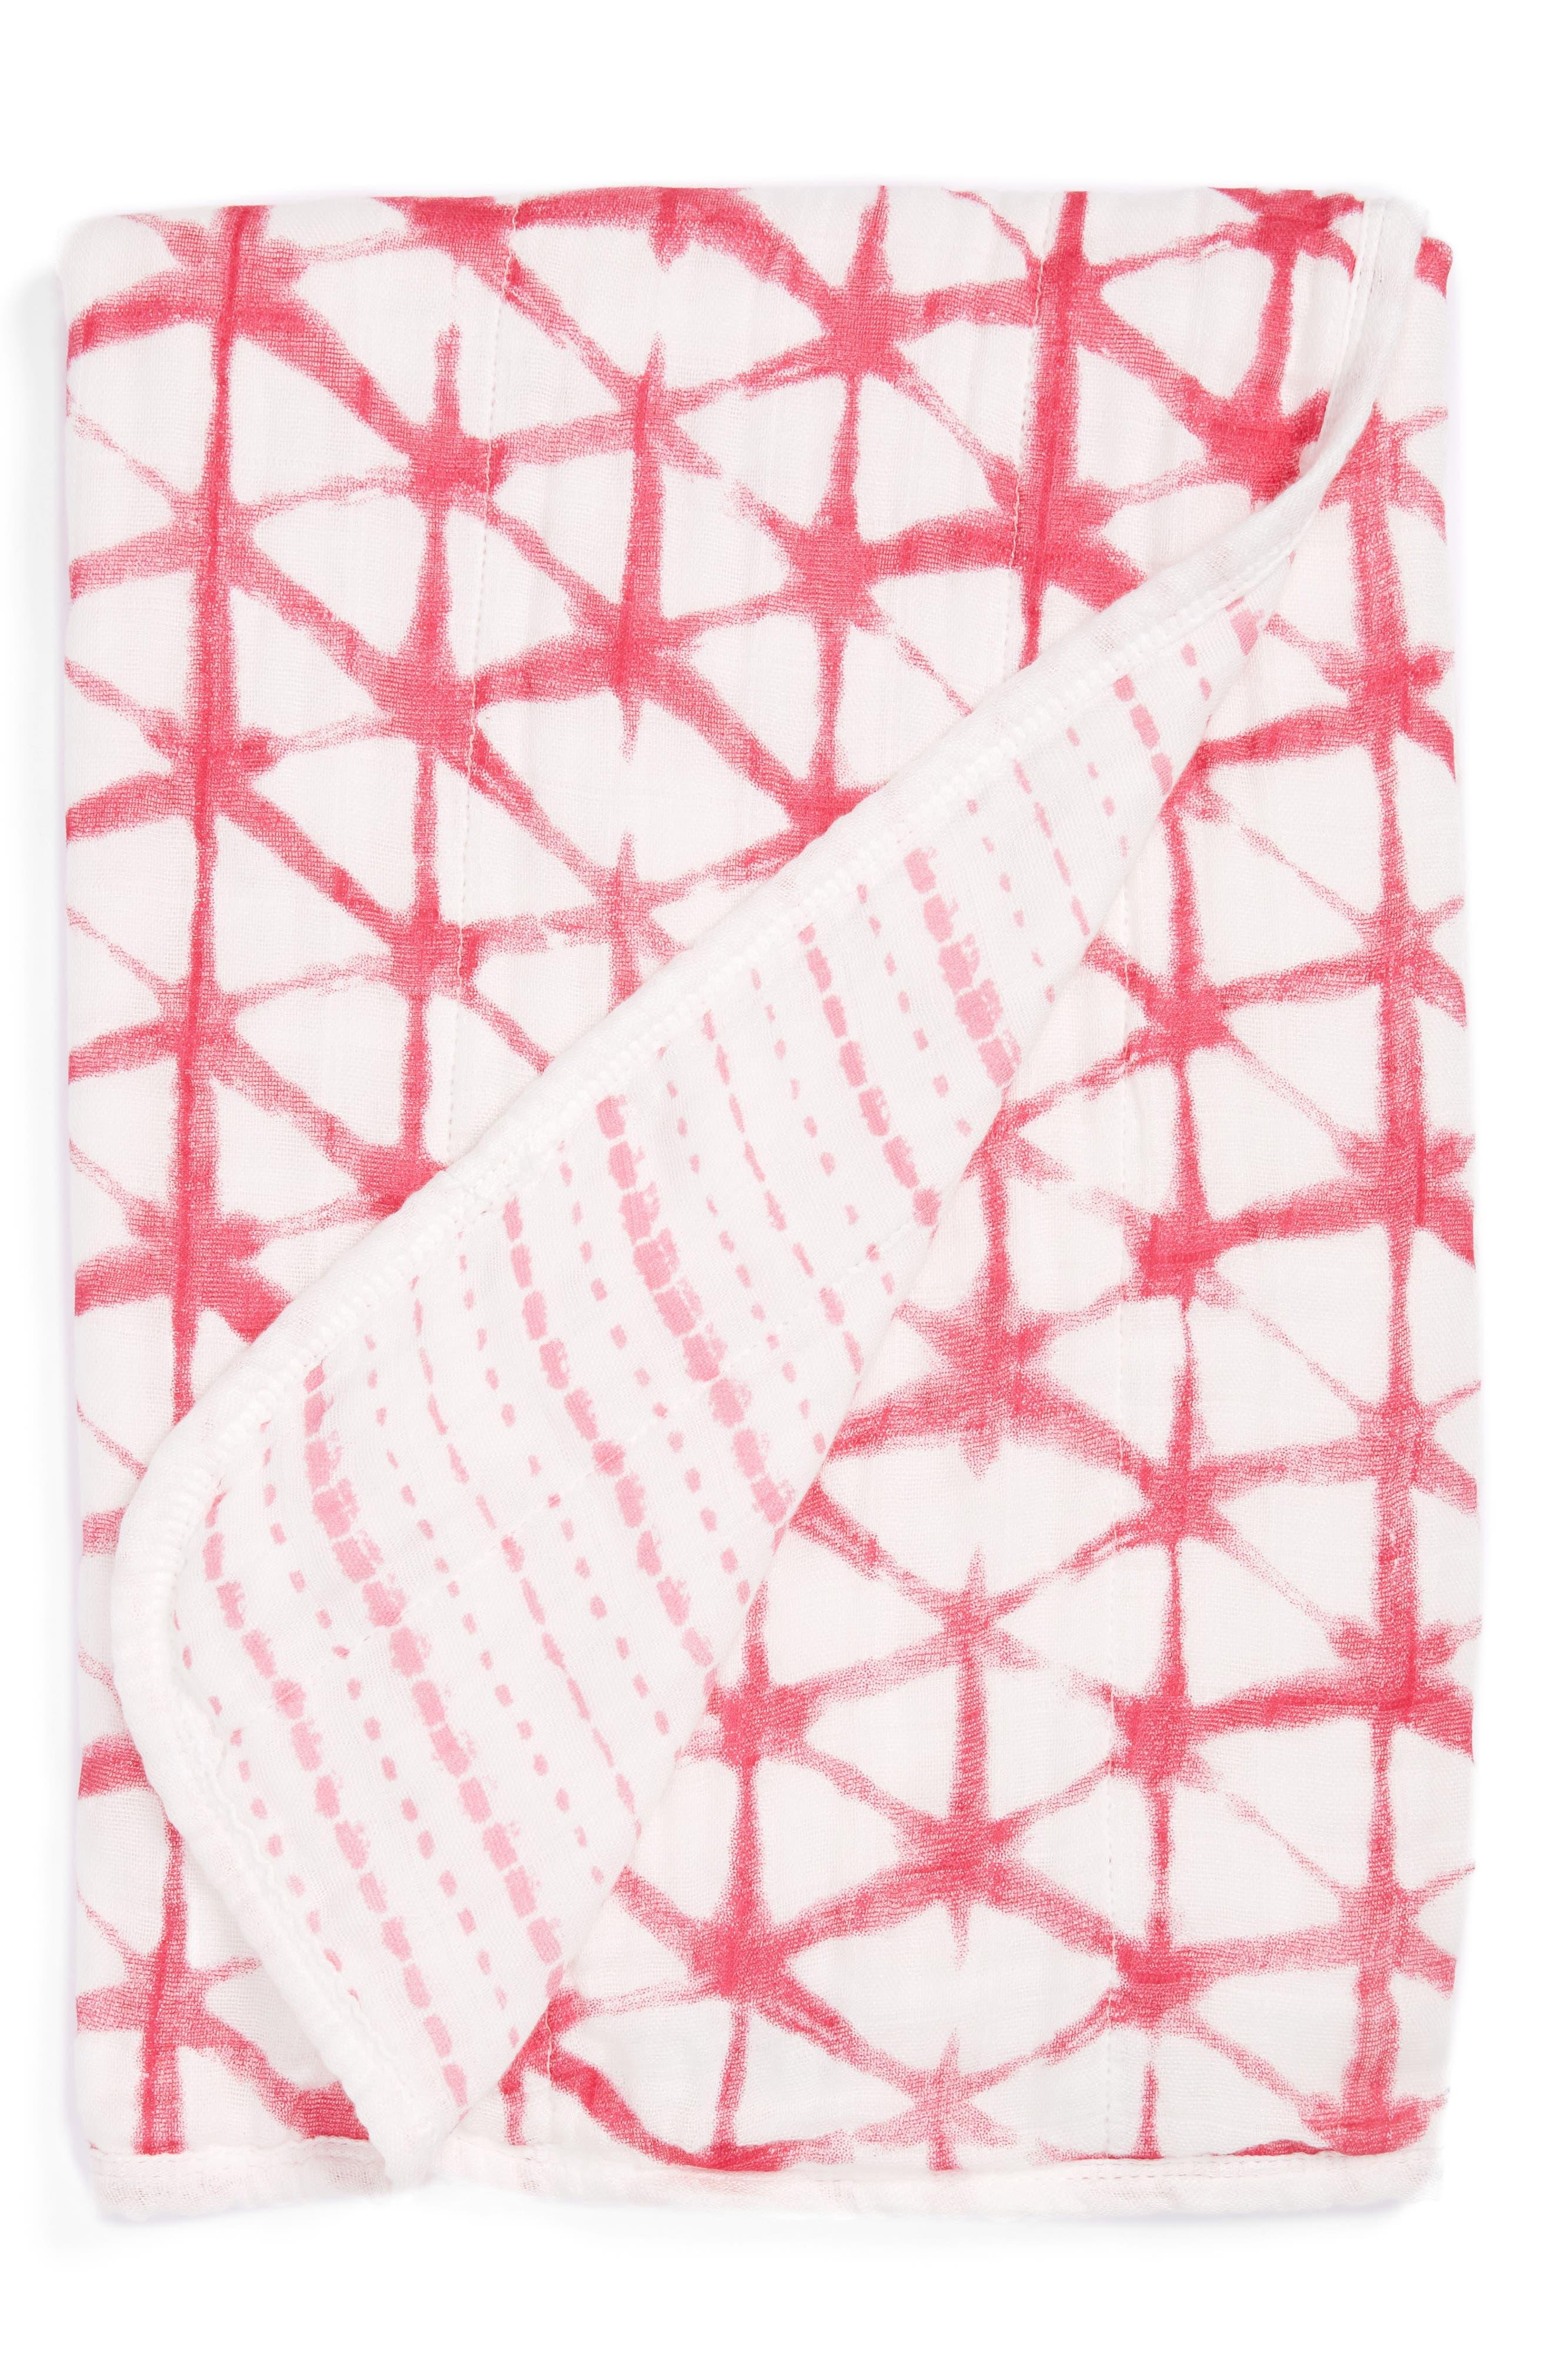 ADEN + ANAIS Silky Soft Stroller Blanket